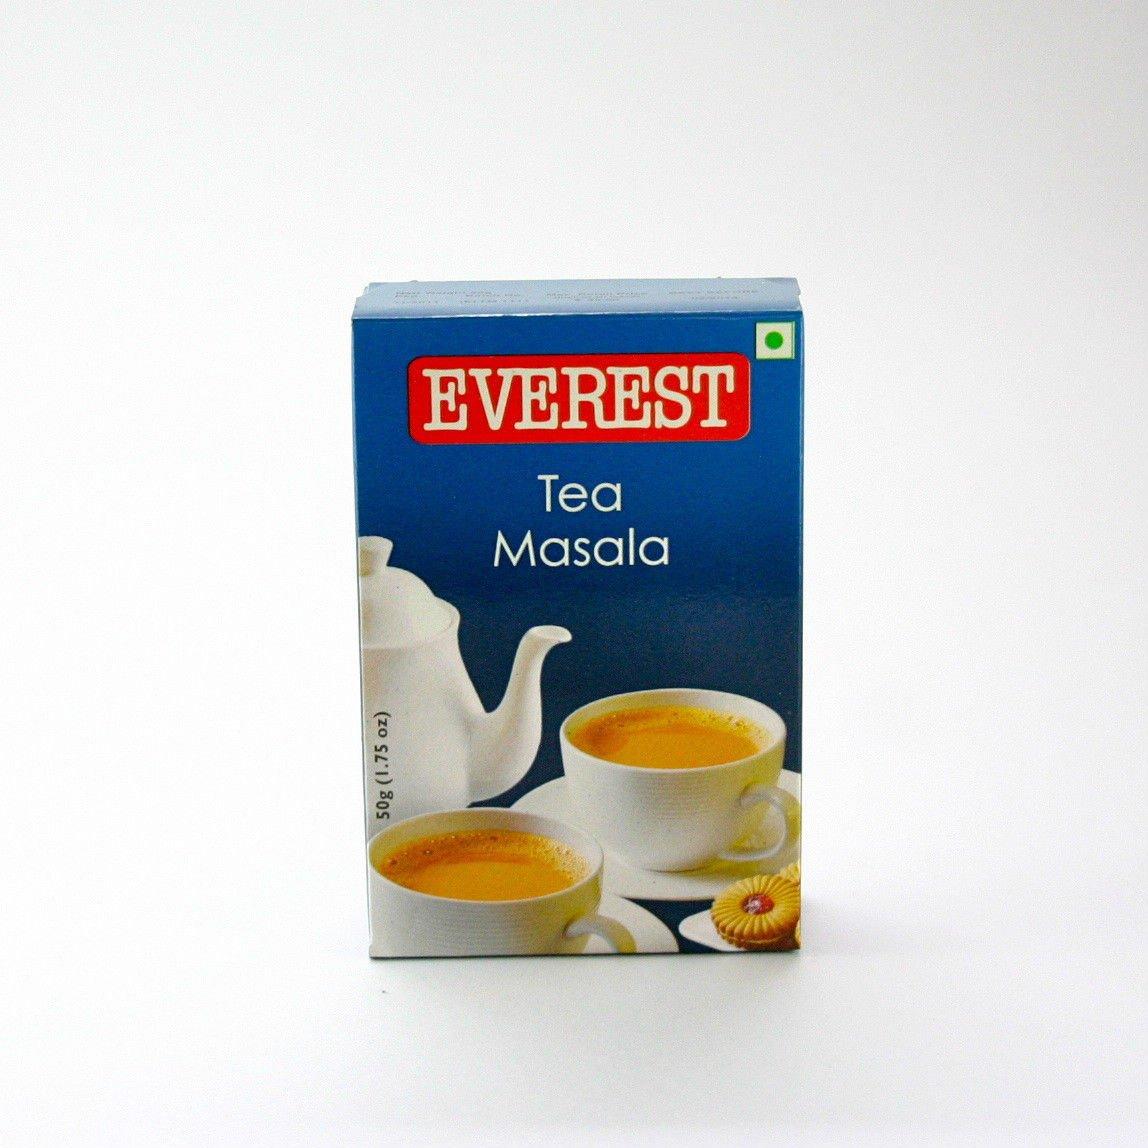 Everest Tea Masala 50 gm (1.75 oz)  Tea Flavouring Tea Spice